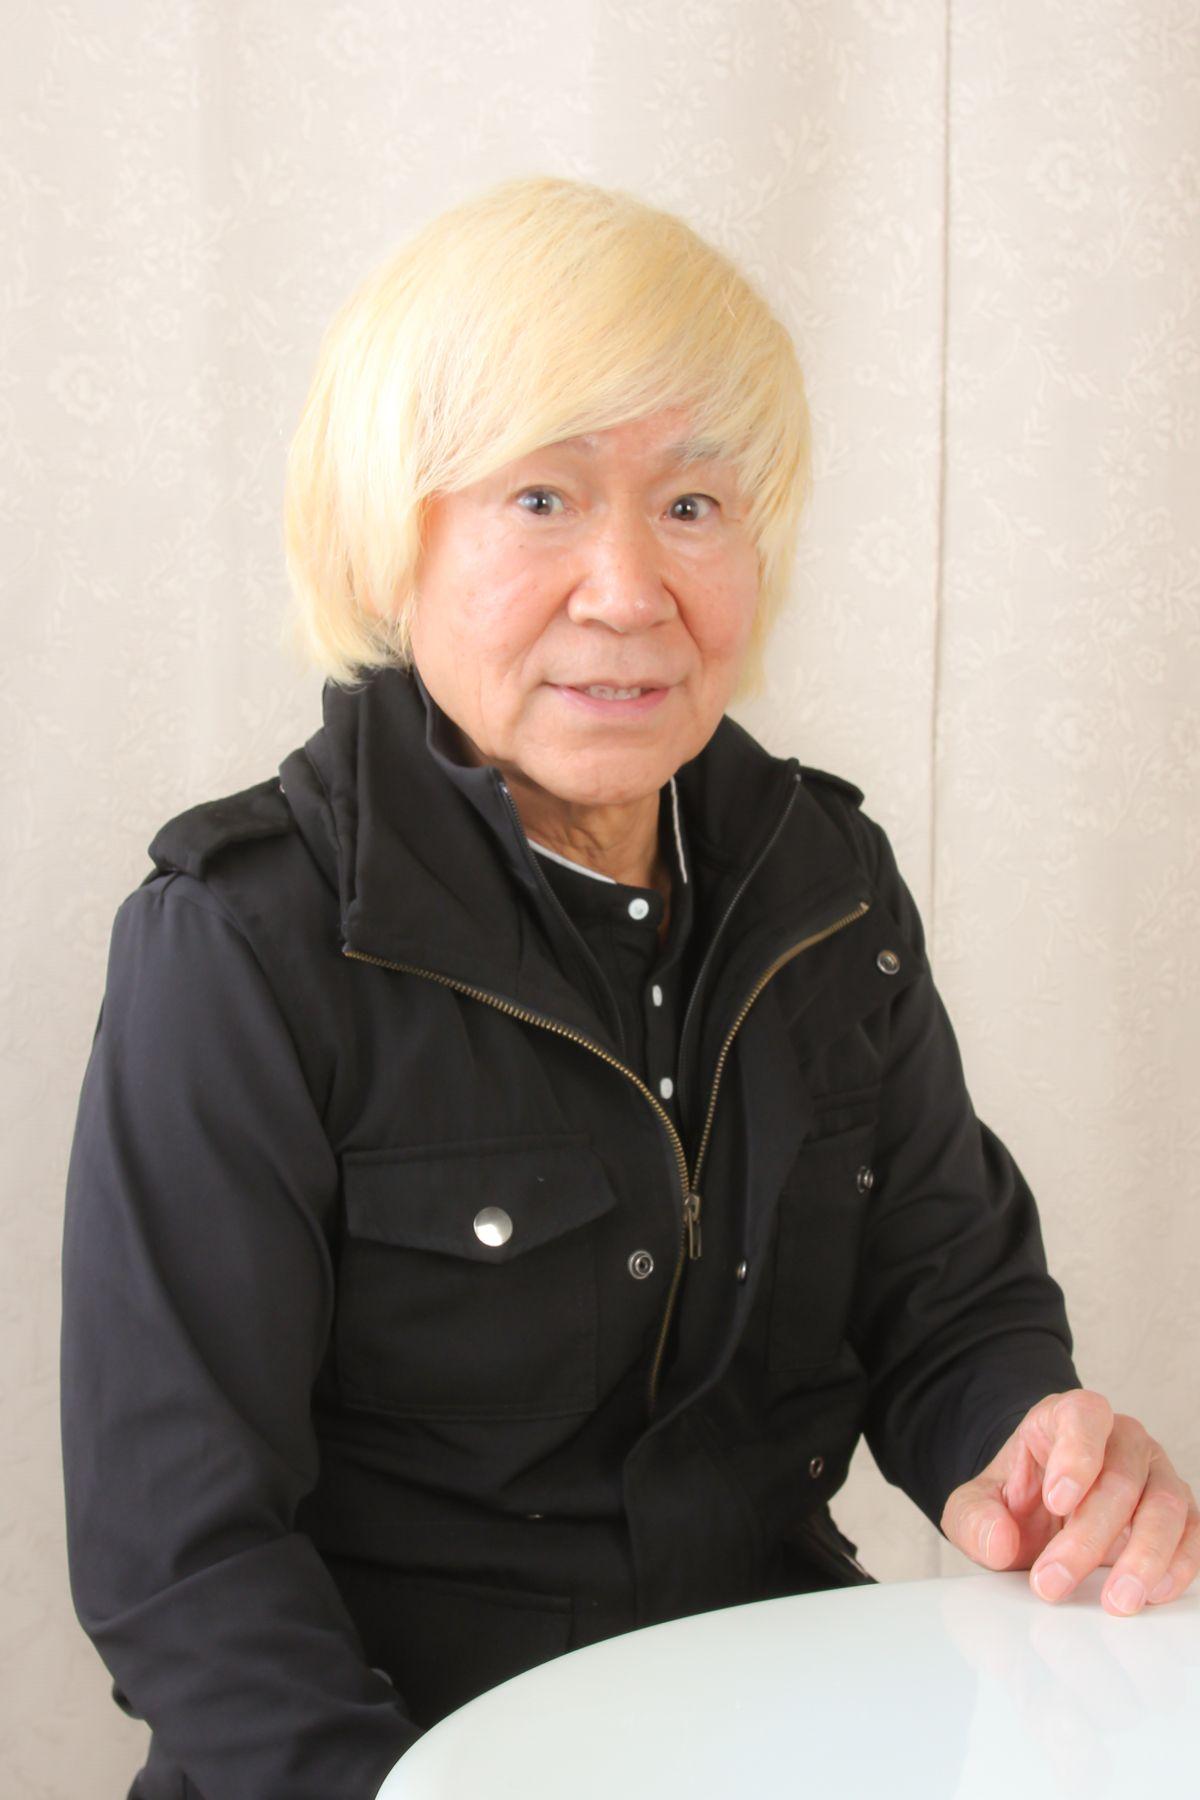 ゲスト 串田アキラ kushida akira 歌手 歌手 トリコ からっぽ